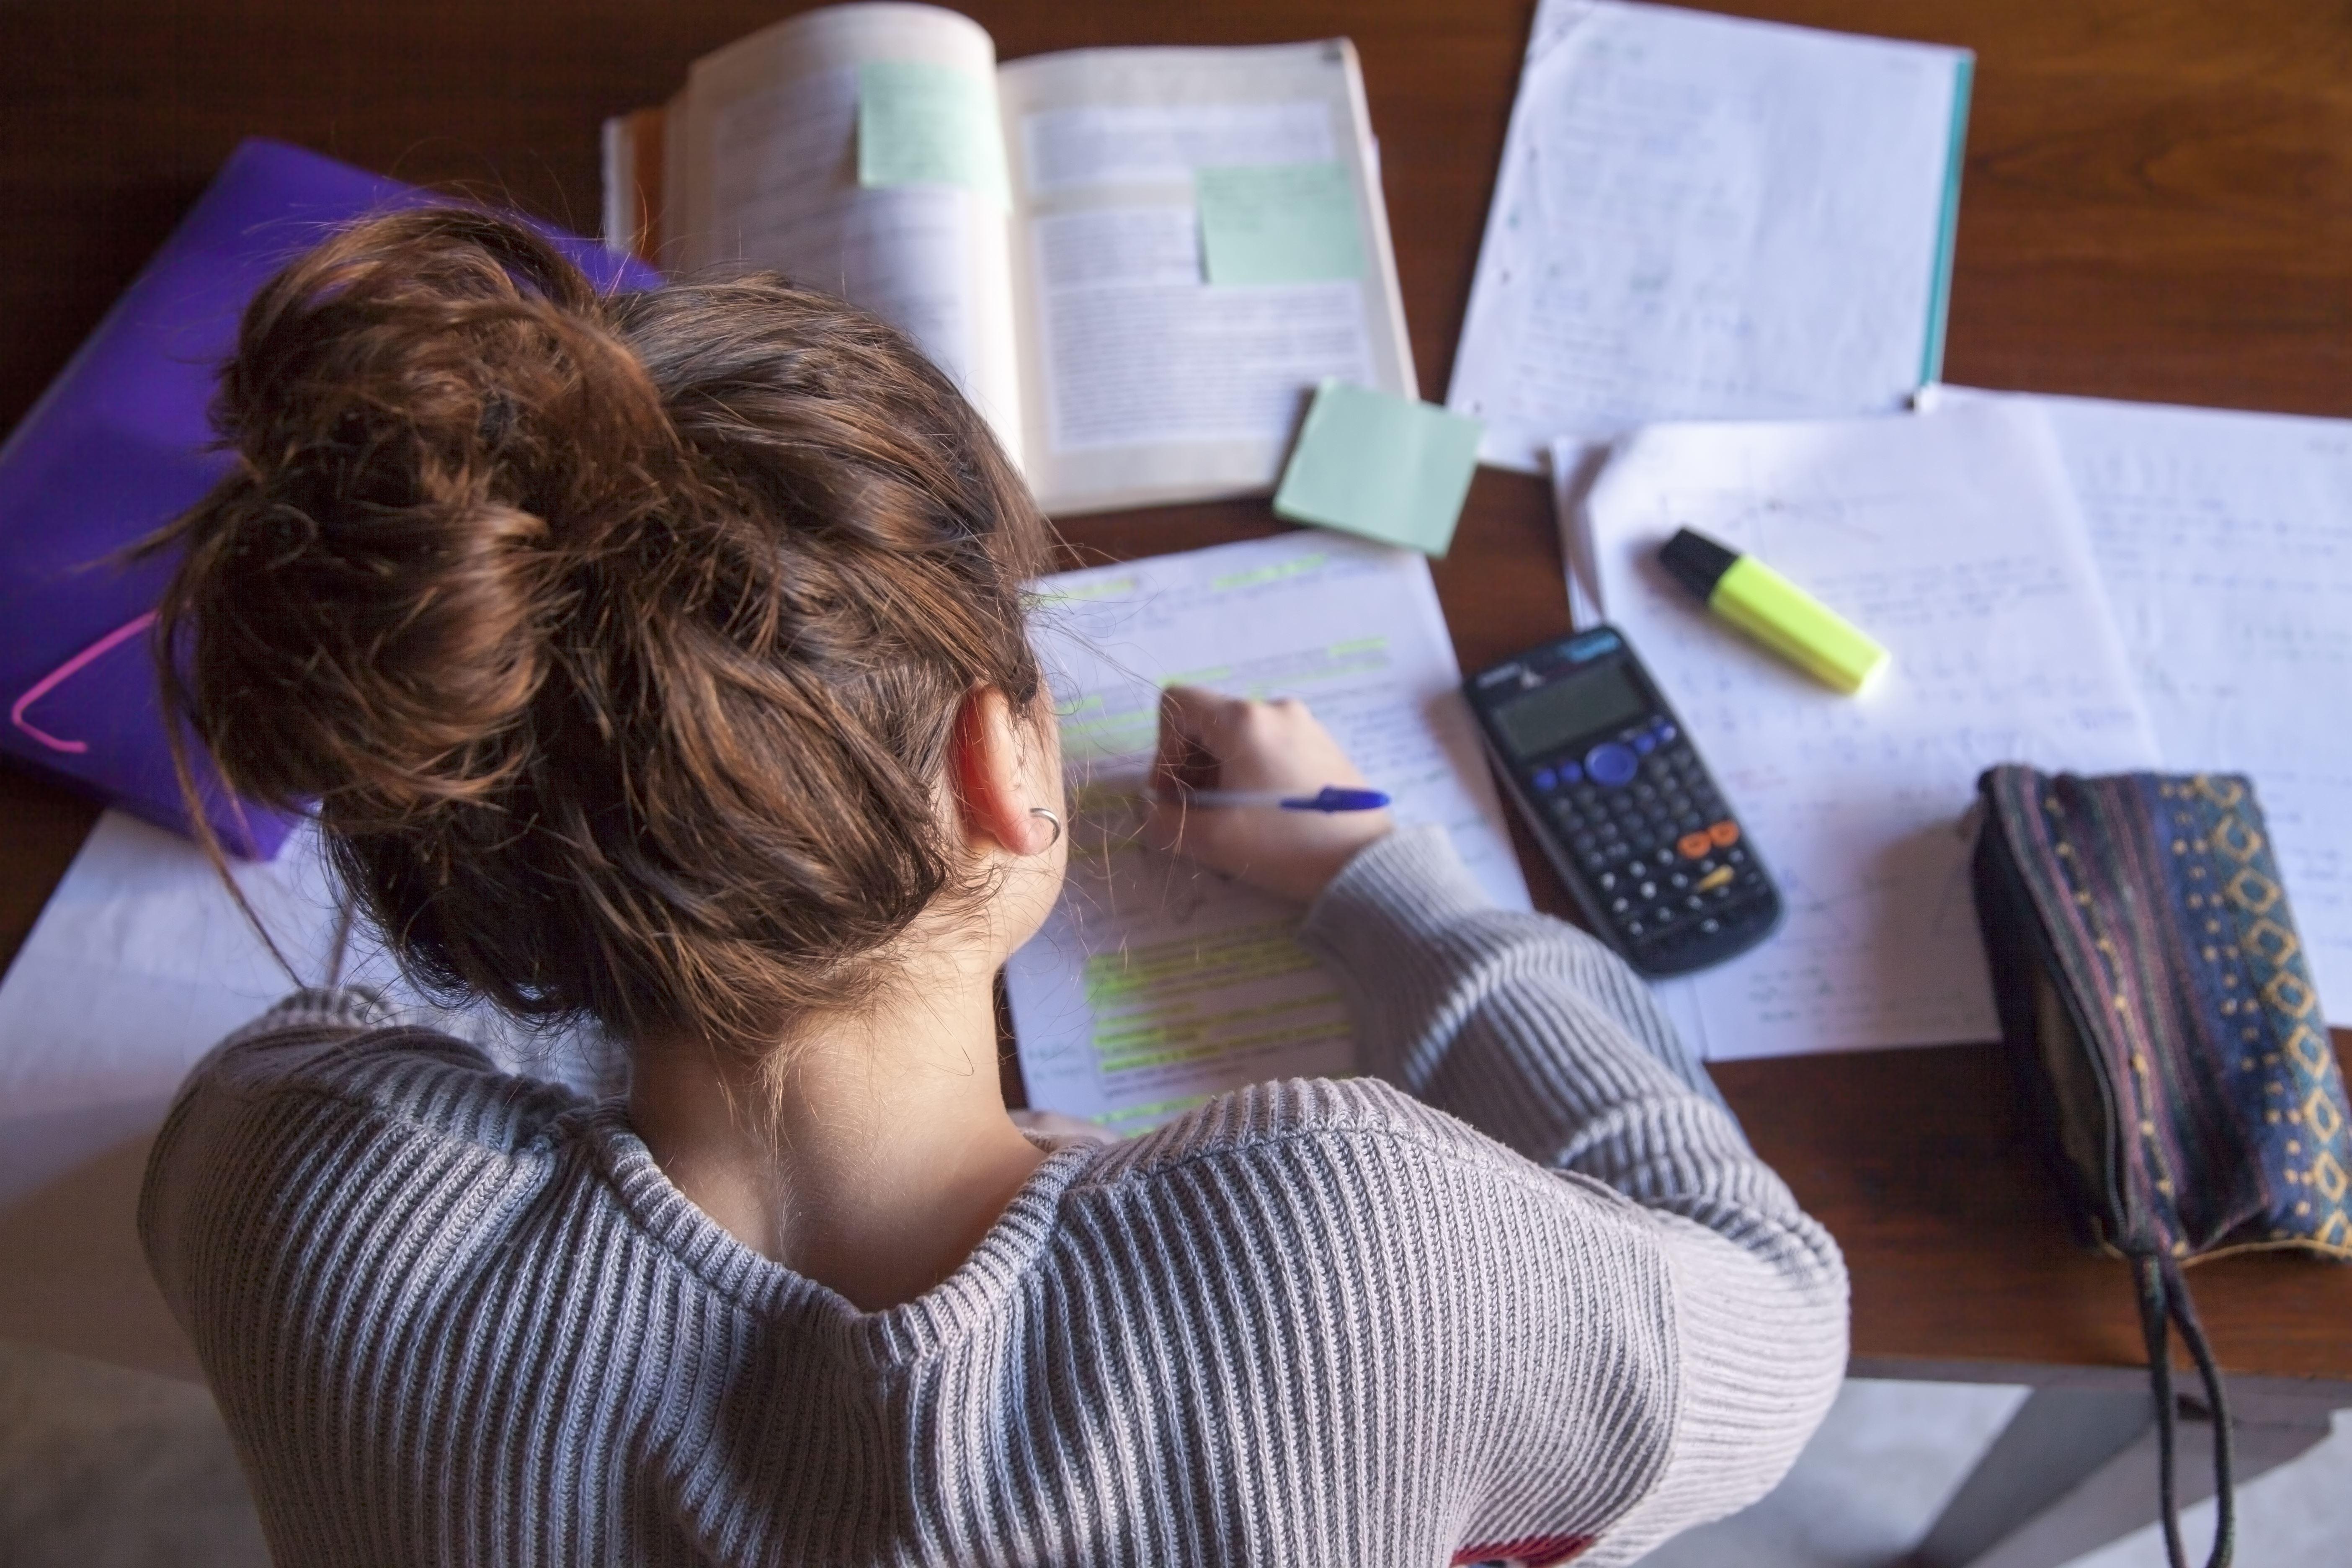 Regresso às aulas: 7 dicas para melhorares o teu método de estudo